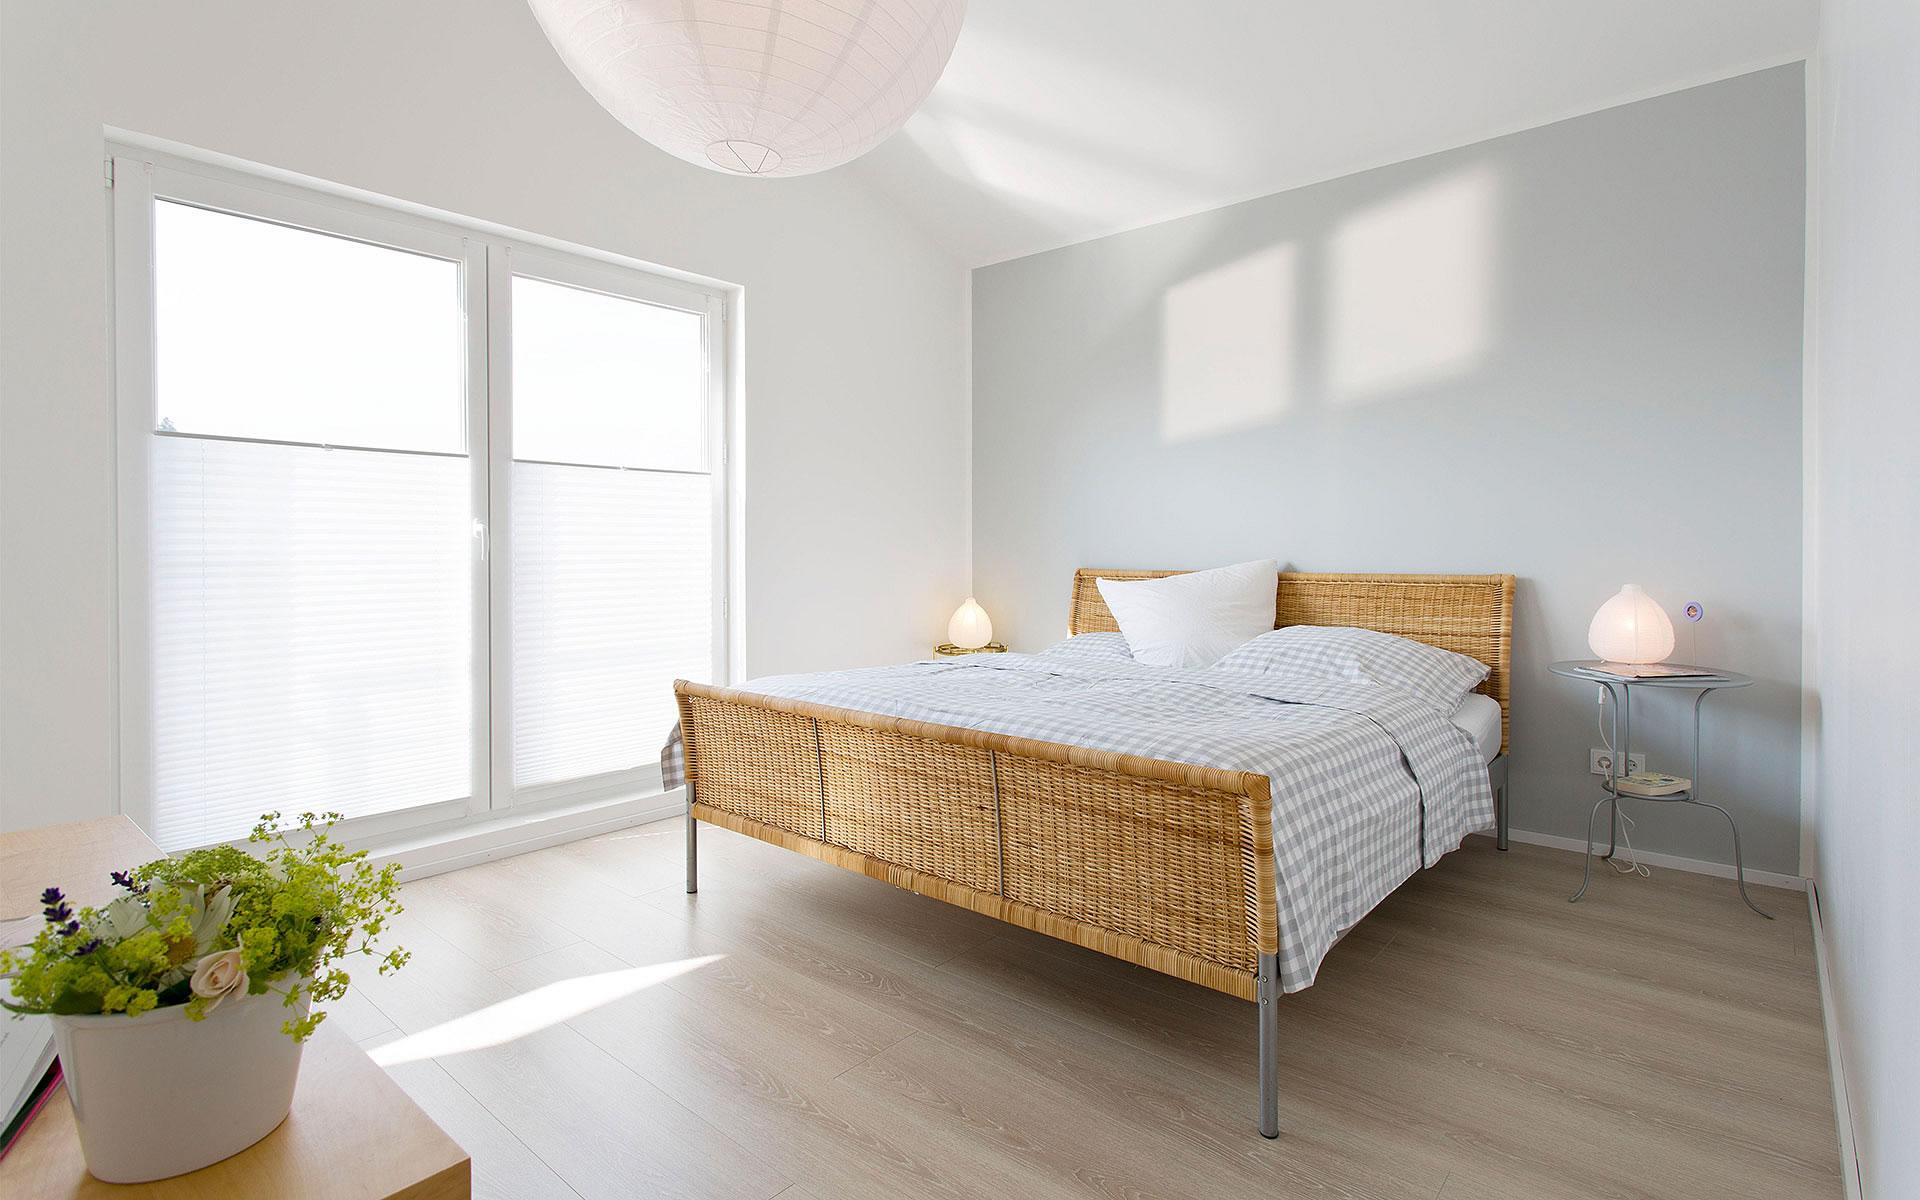 Arbaro von Fingerhut Haus GmbH & Co. KG